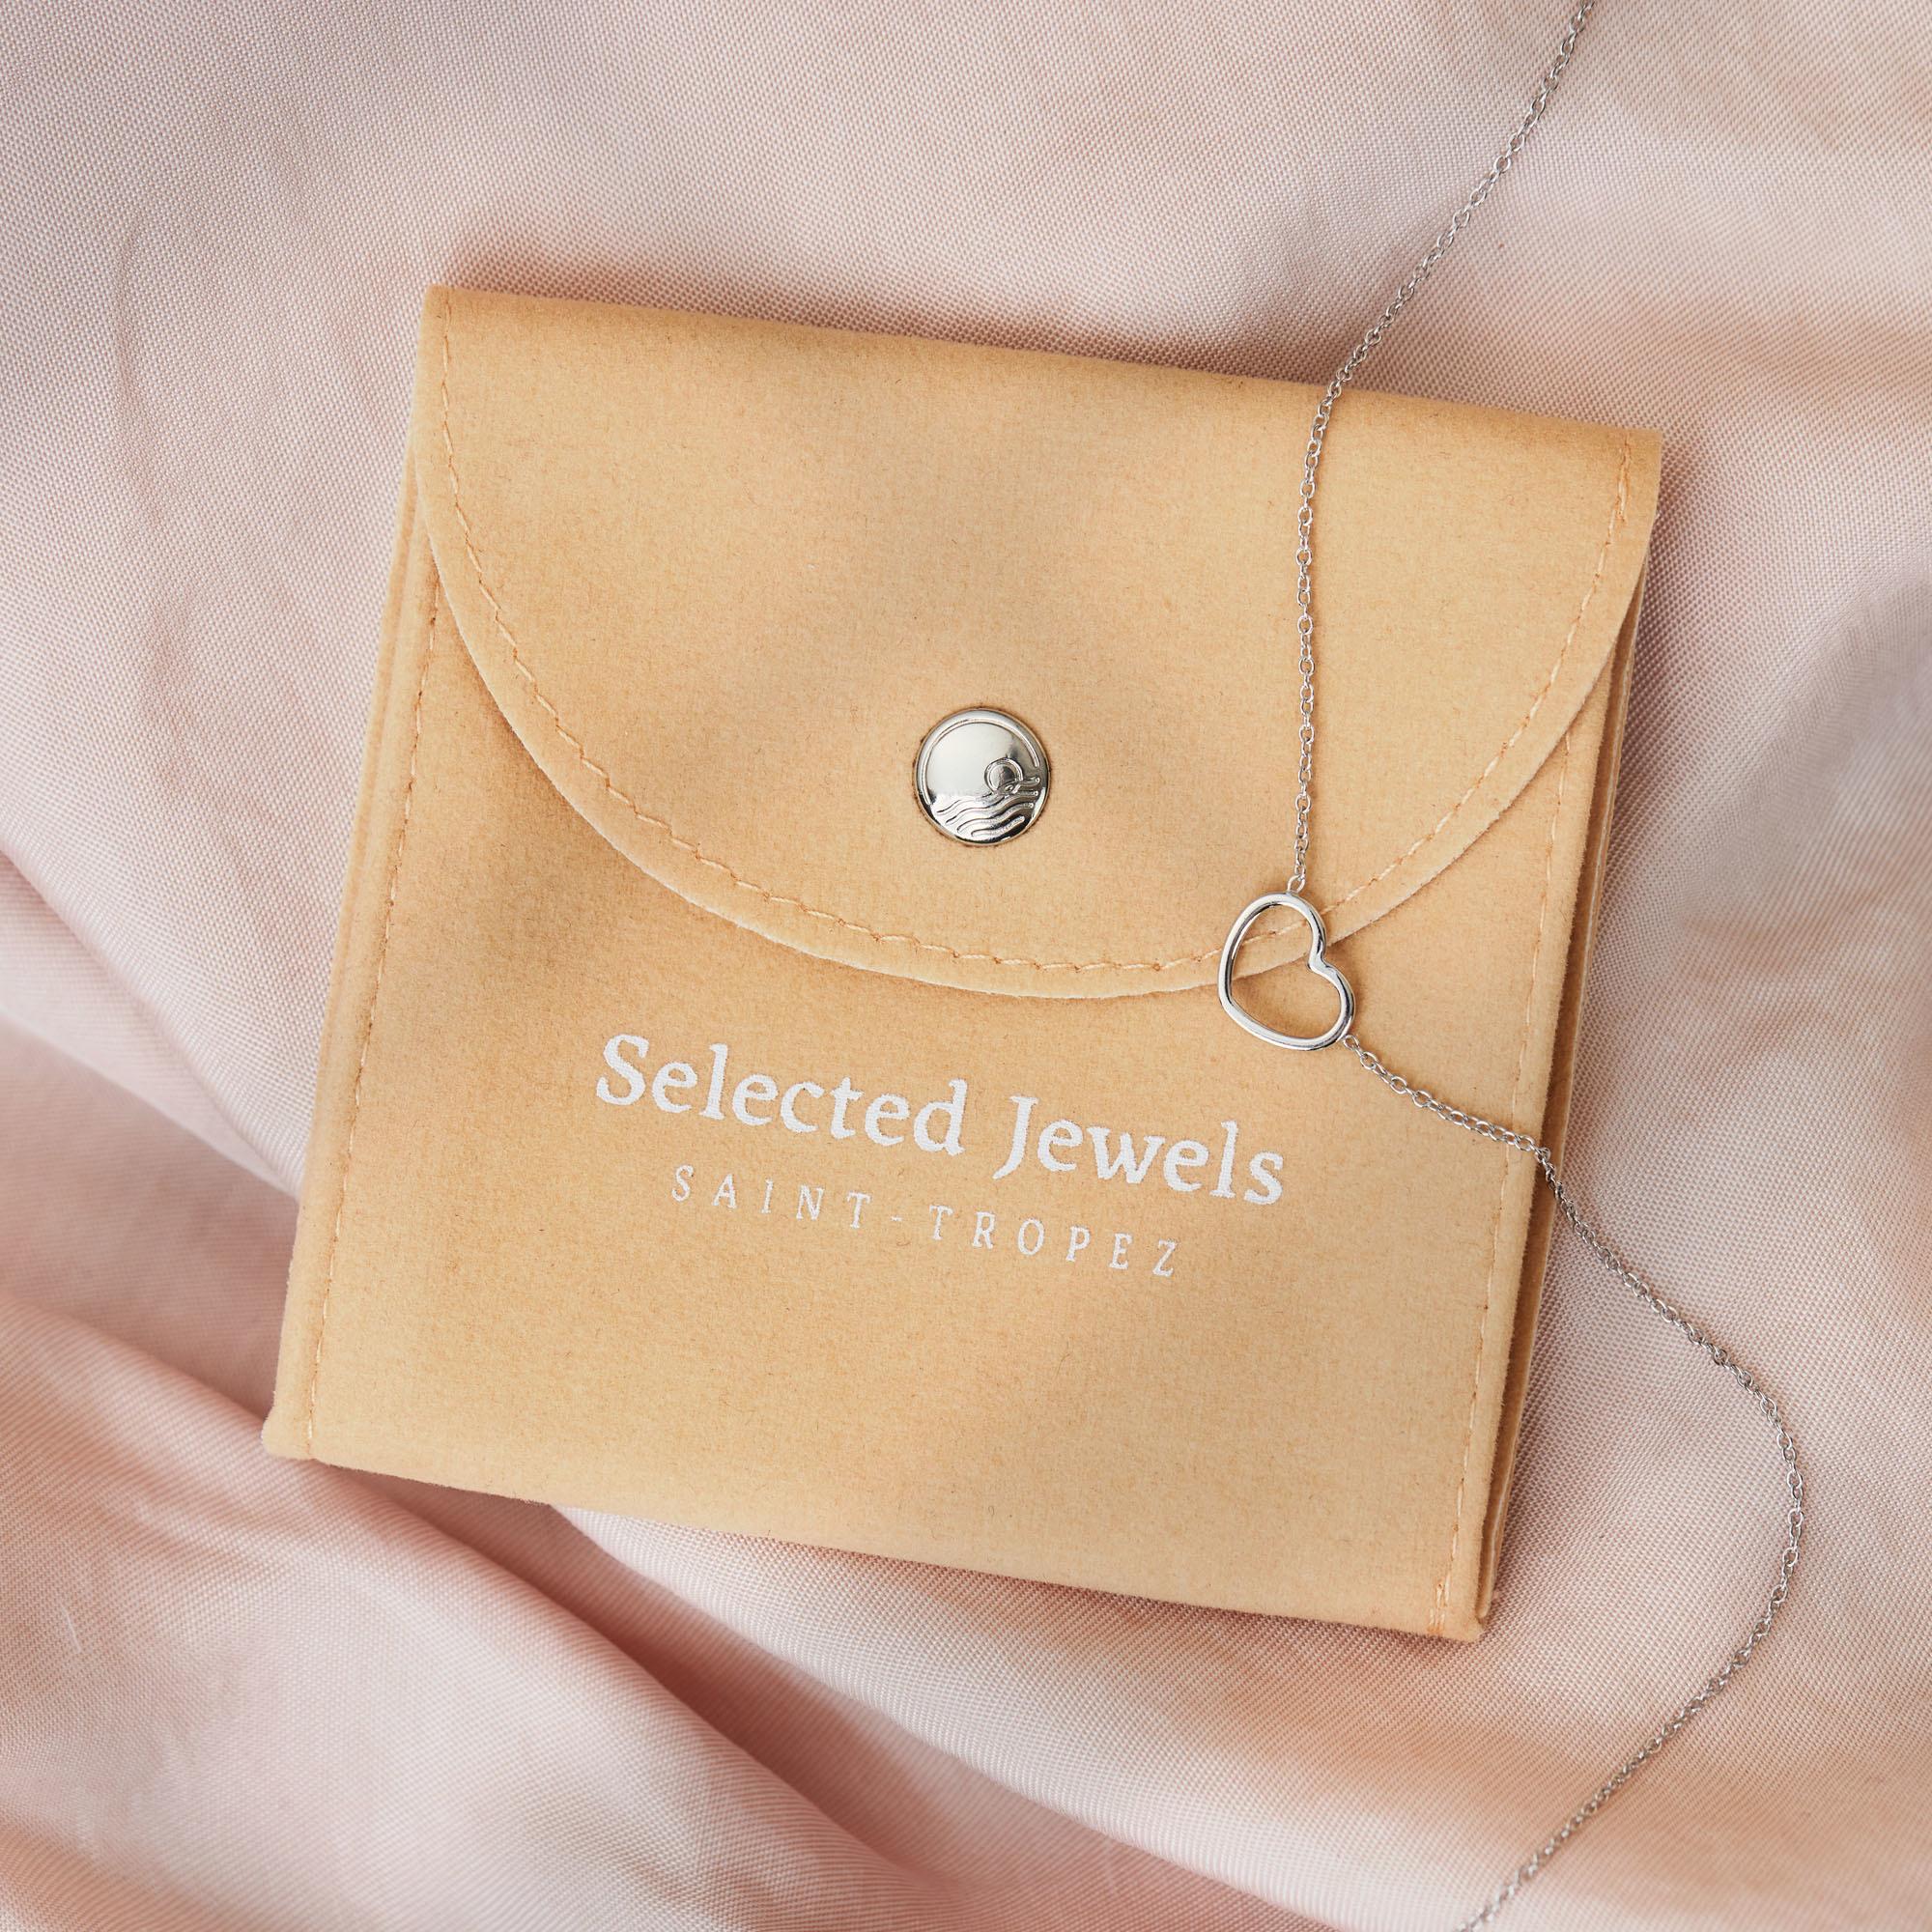 Selected Jewels Julie Lucie pendentifs d'oreille couleur or en argent sterling 925